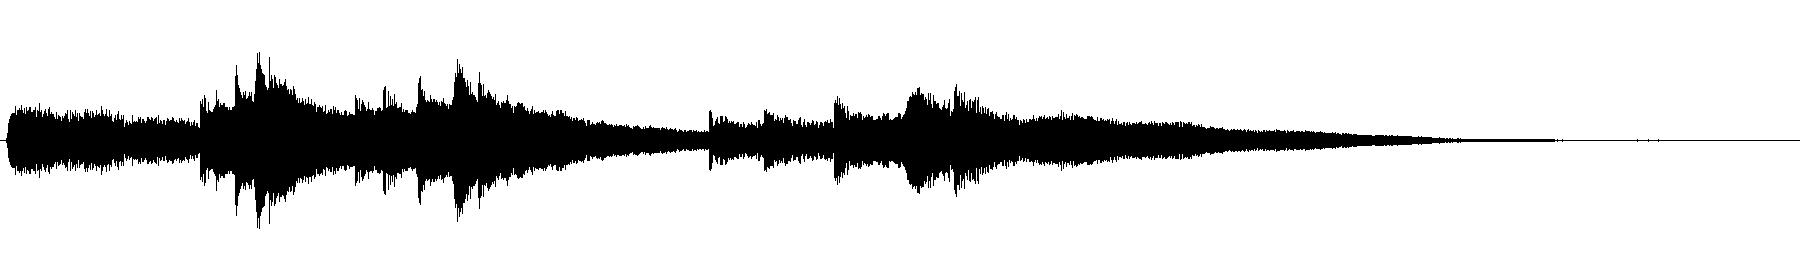 metal perc fx 4